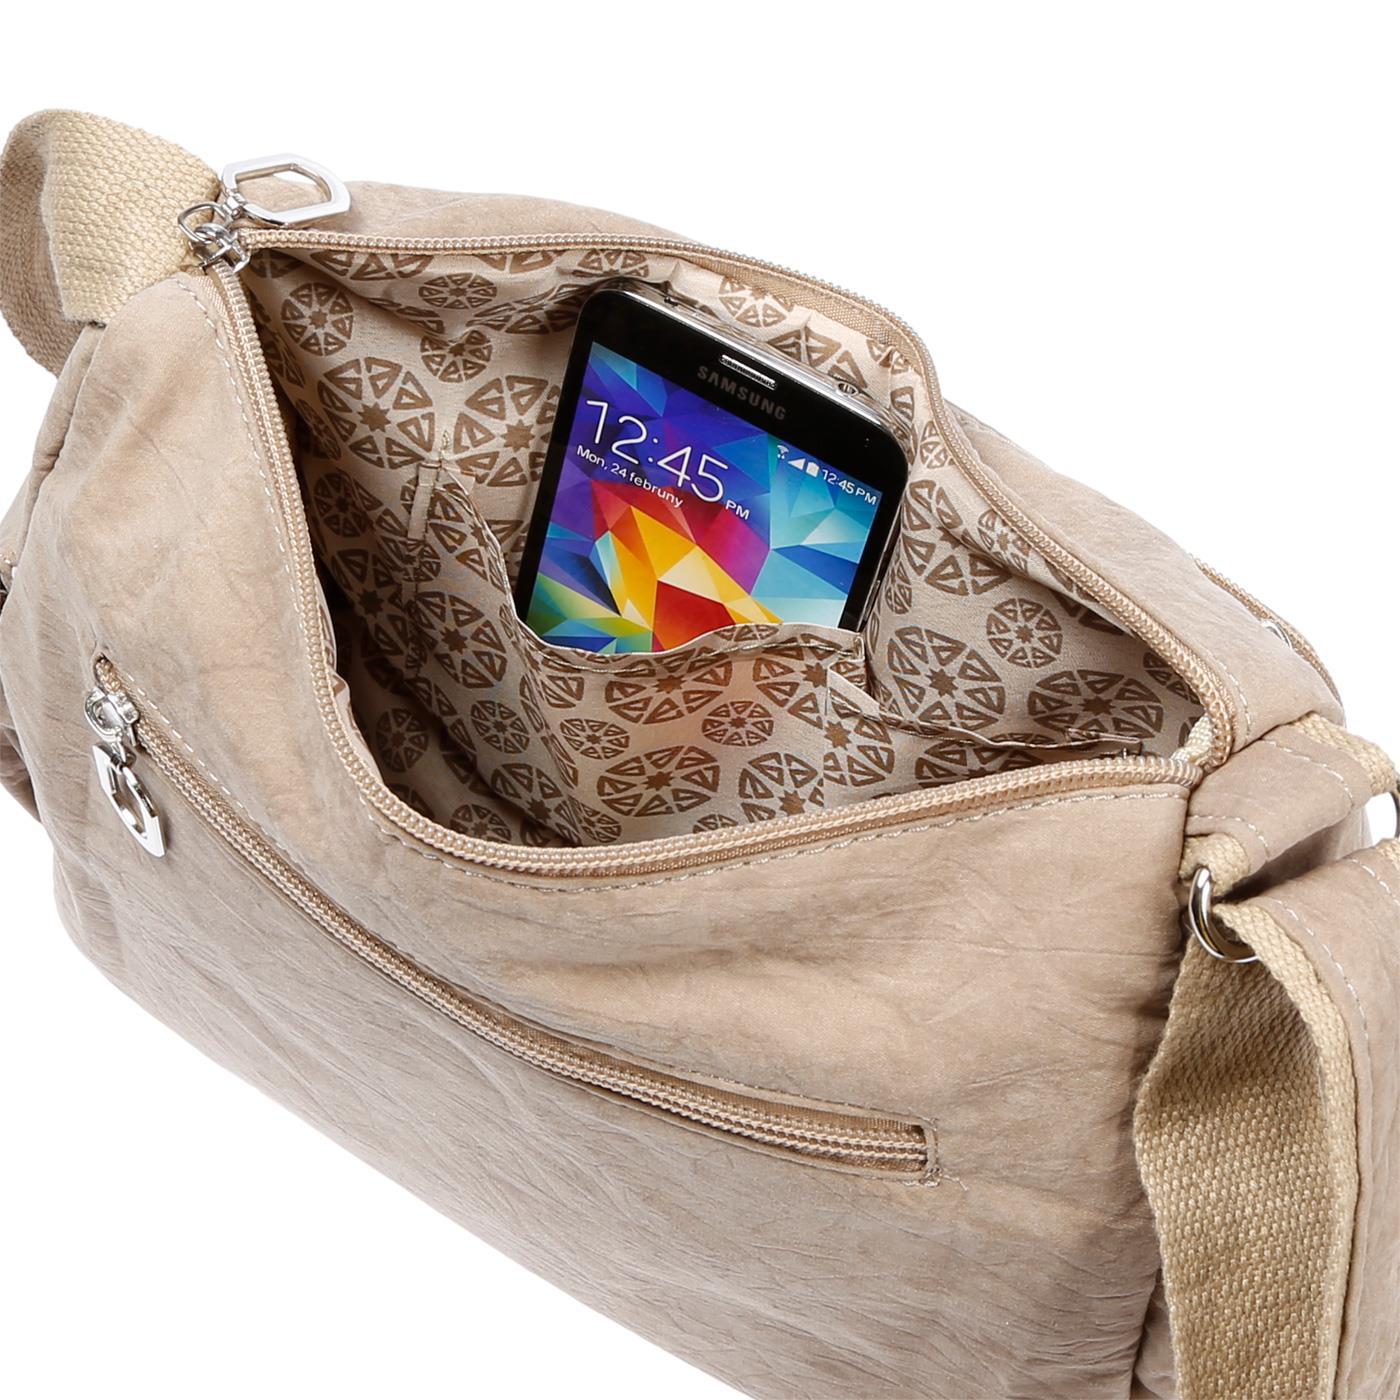 Damenhandtasche-Schultertasche-Tasche-Umhaengetasche-Canvas-Shopper-Crossover-Bag Indexbild 35